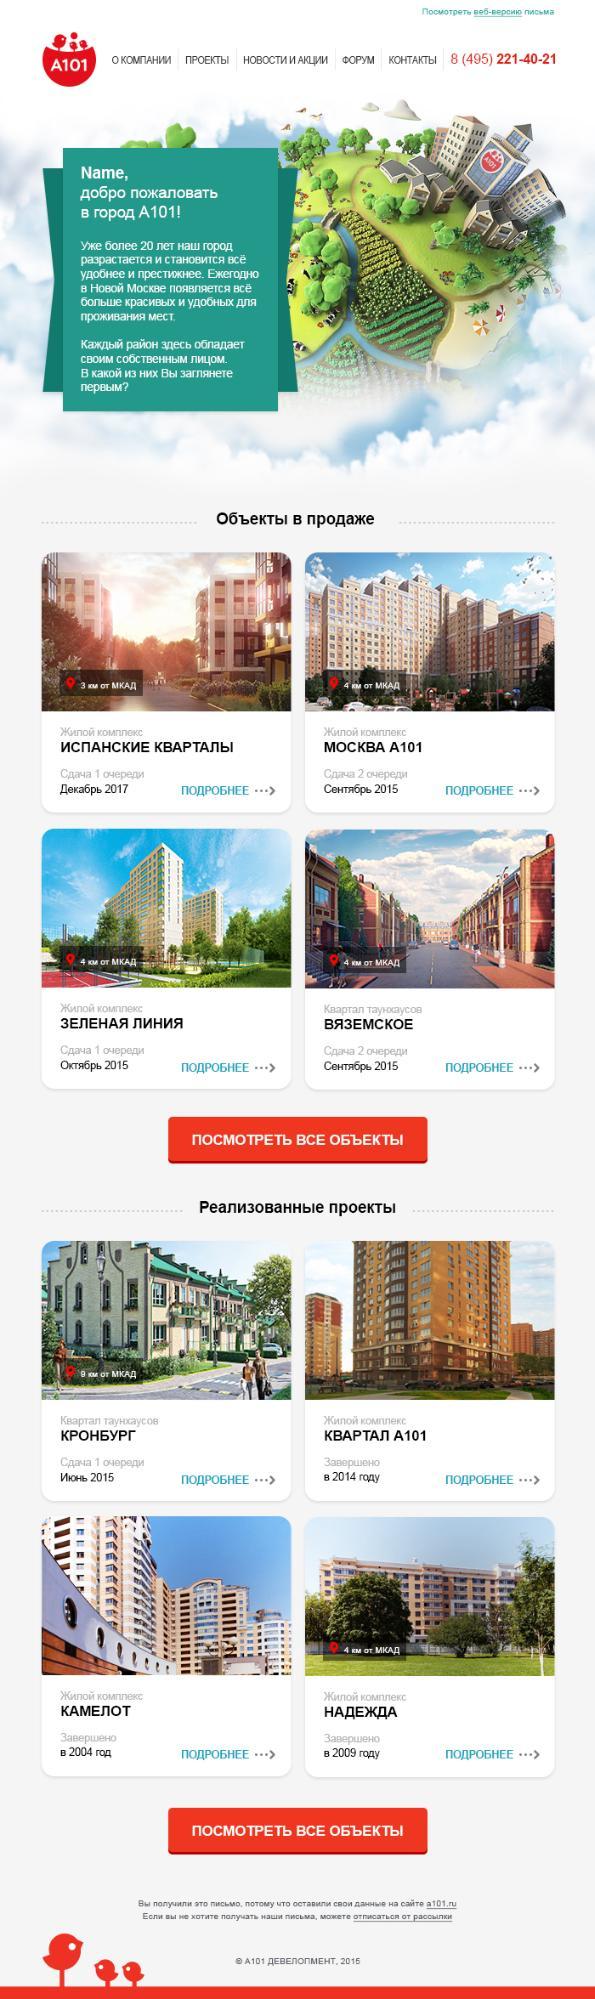 Email-маркетинг в продаже недвижимости 10